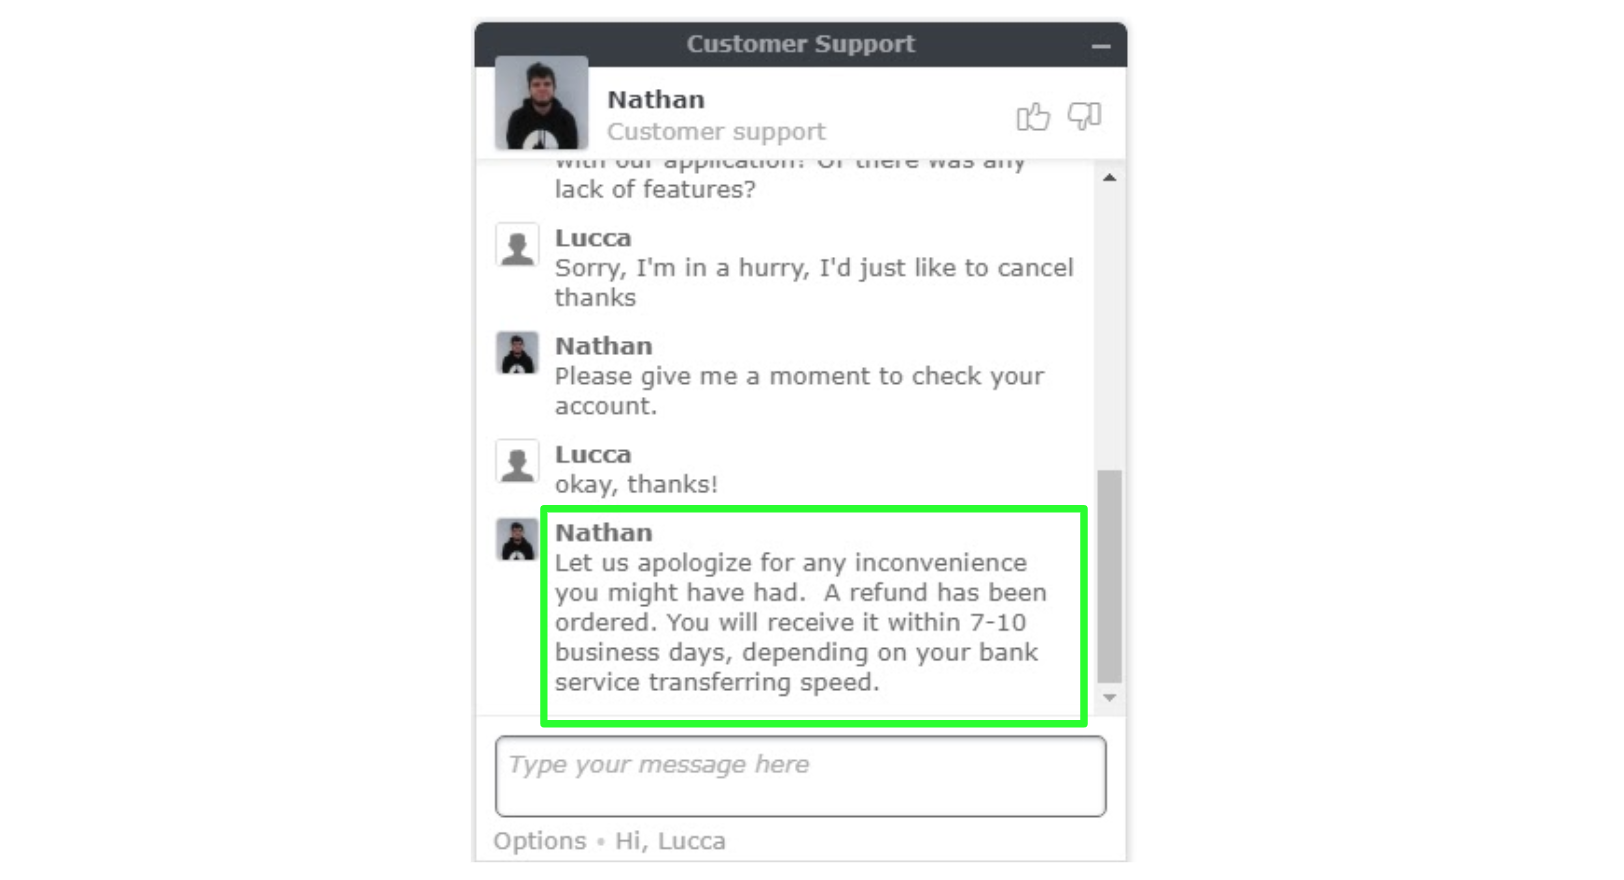 Στιγμιότυπο οθόνης ενός αιτήματος επιστροφής χρημάτων με έναν αντιπρόσωπο υποστήριξης πελατών NordVPN σε ζωντανή συζήτηση